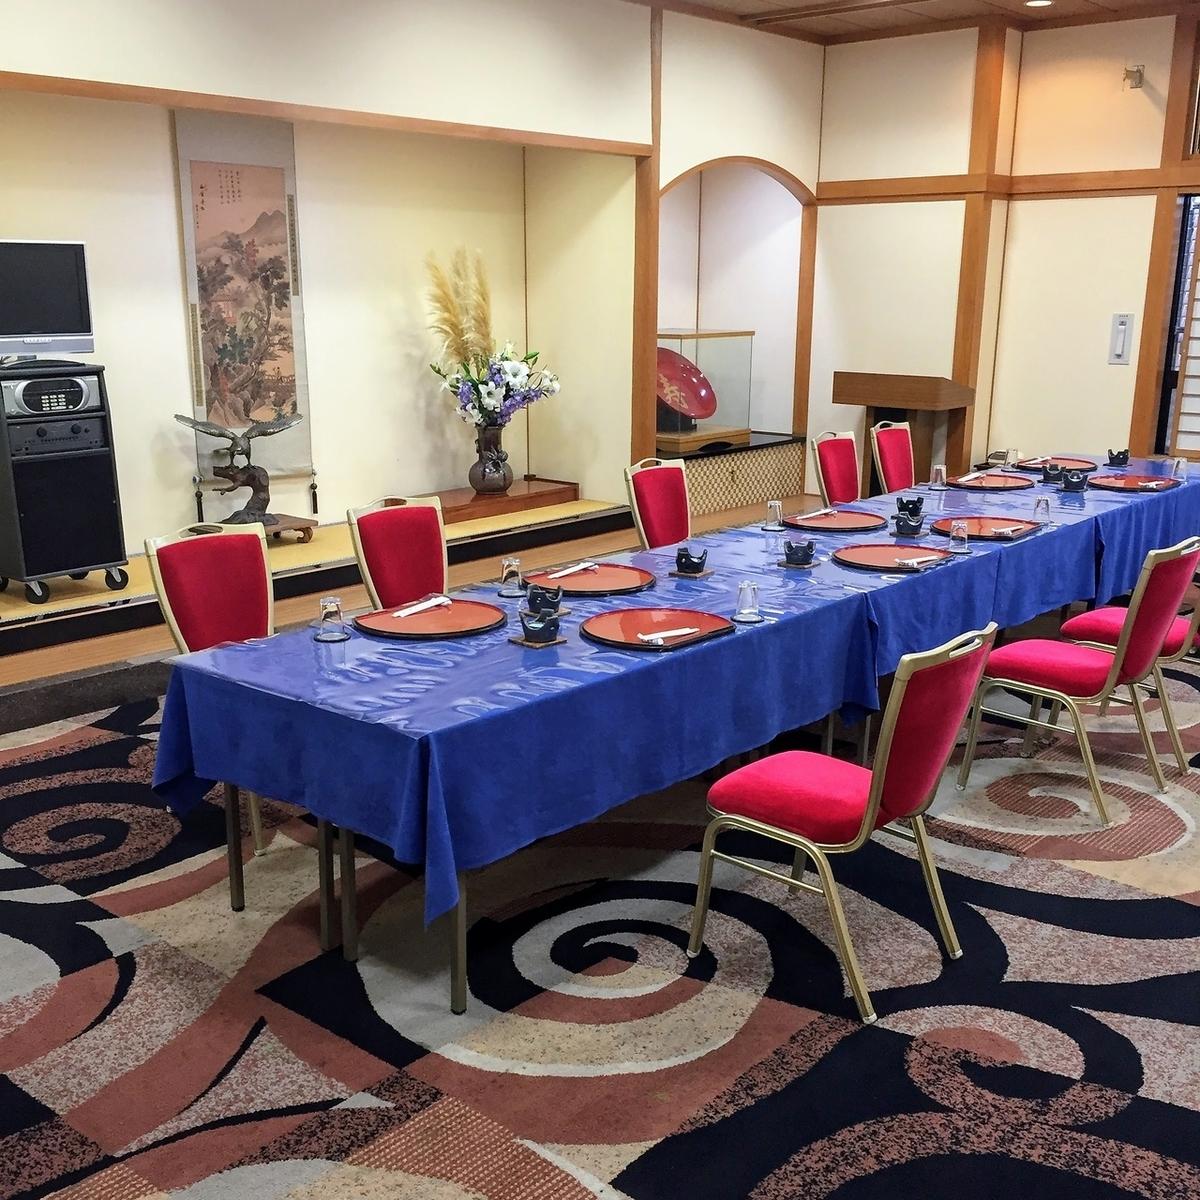 【2楼/中西式/全私人房间】最多可容纳20人。这是一个结合了日式房间的宁静和西式房间的优雅的场所。您可以将其用于各种需求,如谈判,校友会和律师。